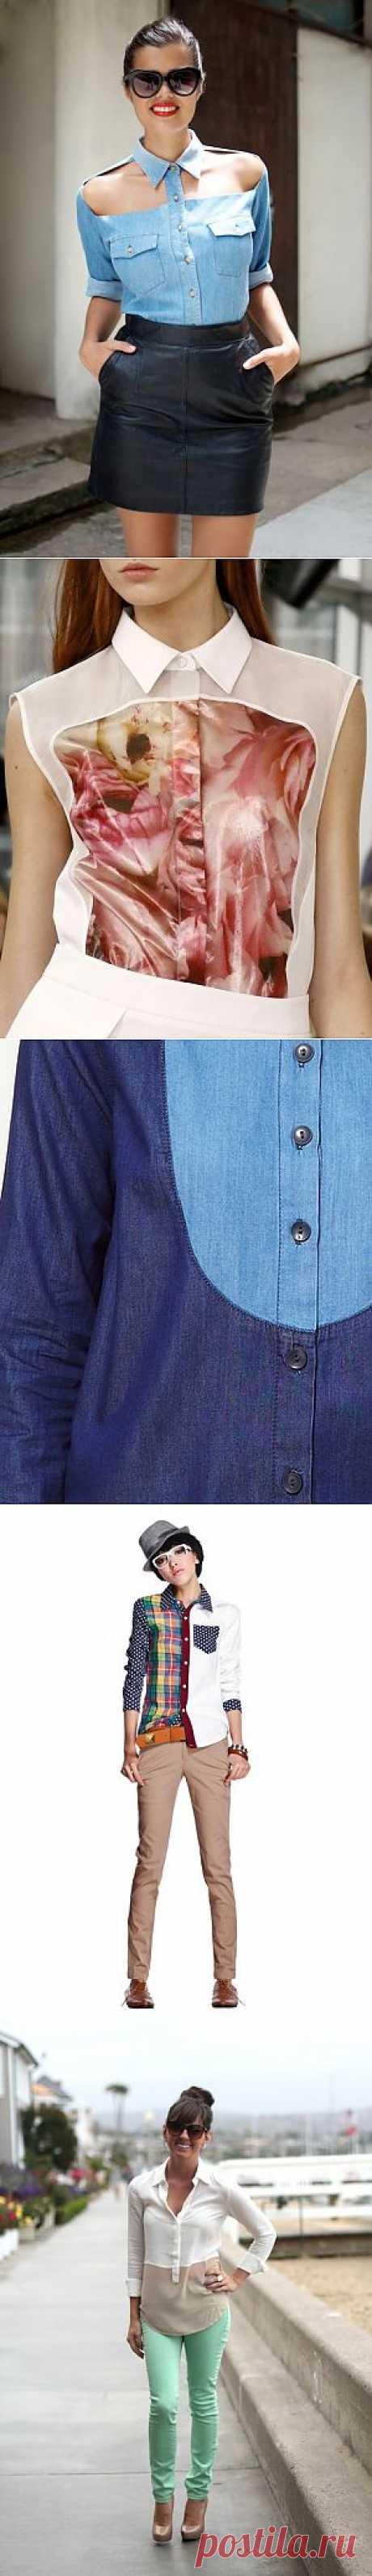 45 неожиданных идей для твоей рубашки — Look At Me — Посты — поток «DIY»